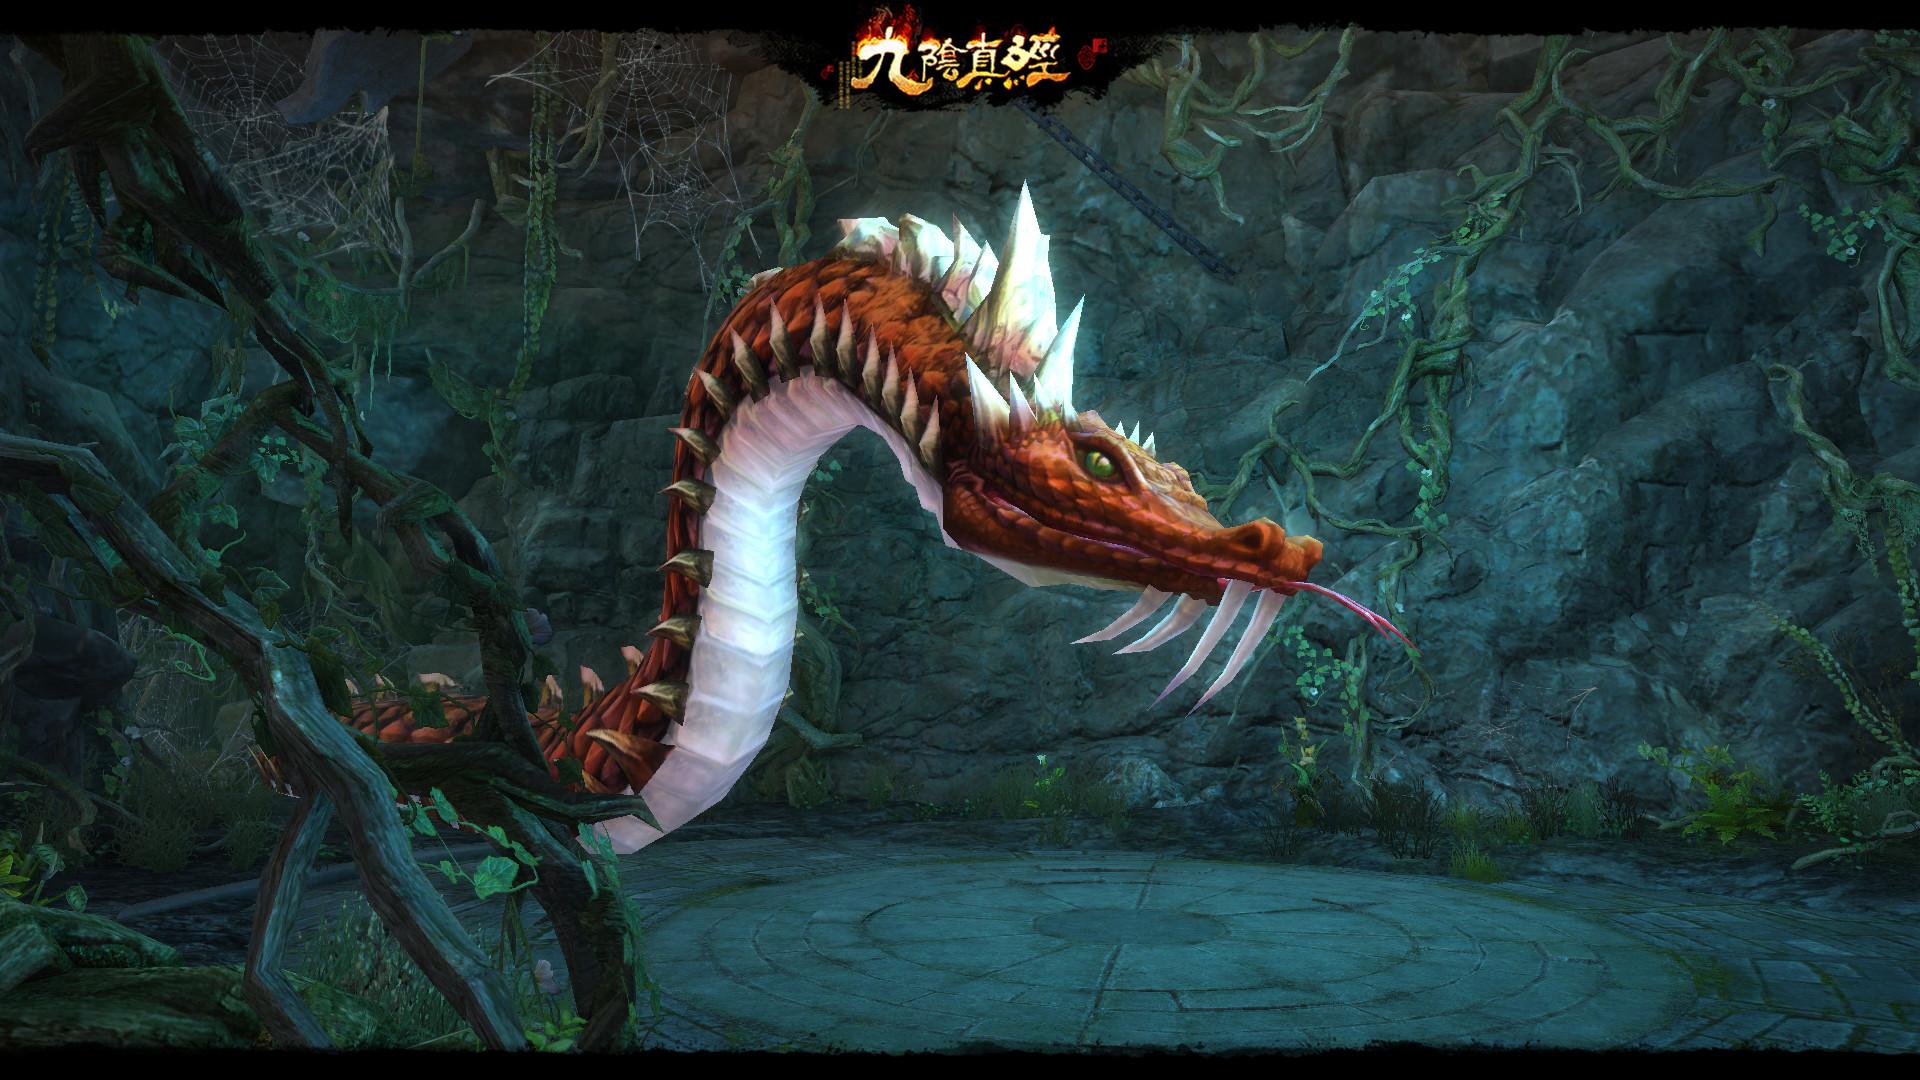 ▲蛇王隱身鬼市深處,唯有擊破才能獲得祕寶